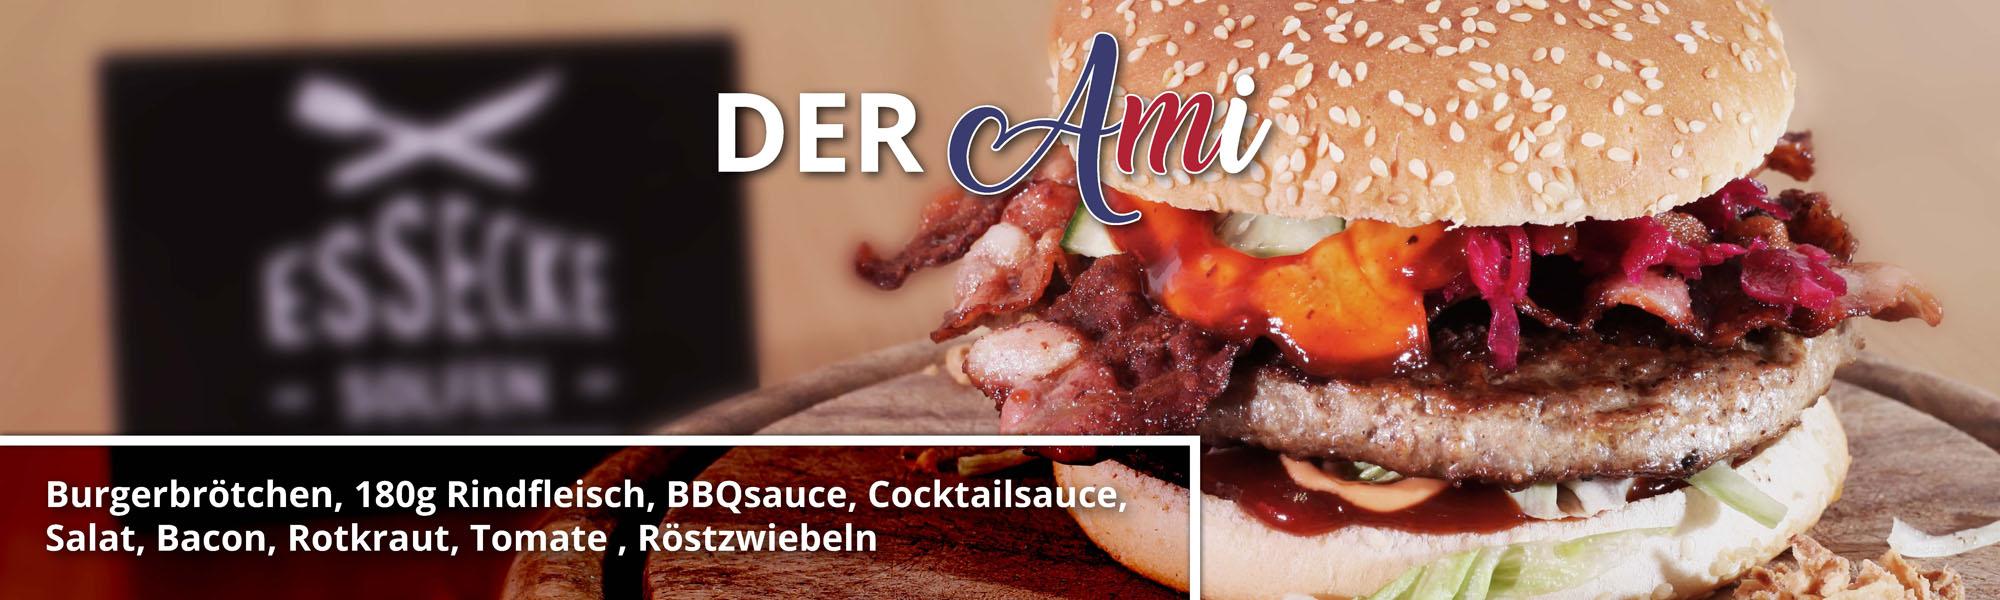 Essecke Solfen Lemgo Burger Der Ami